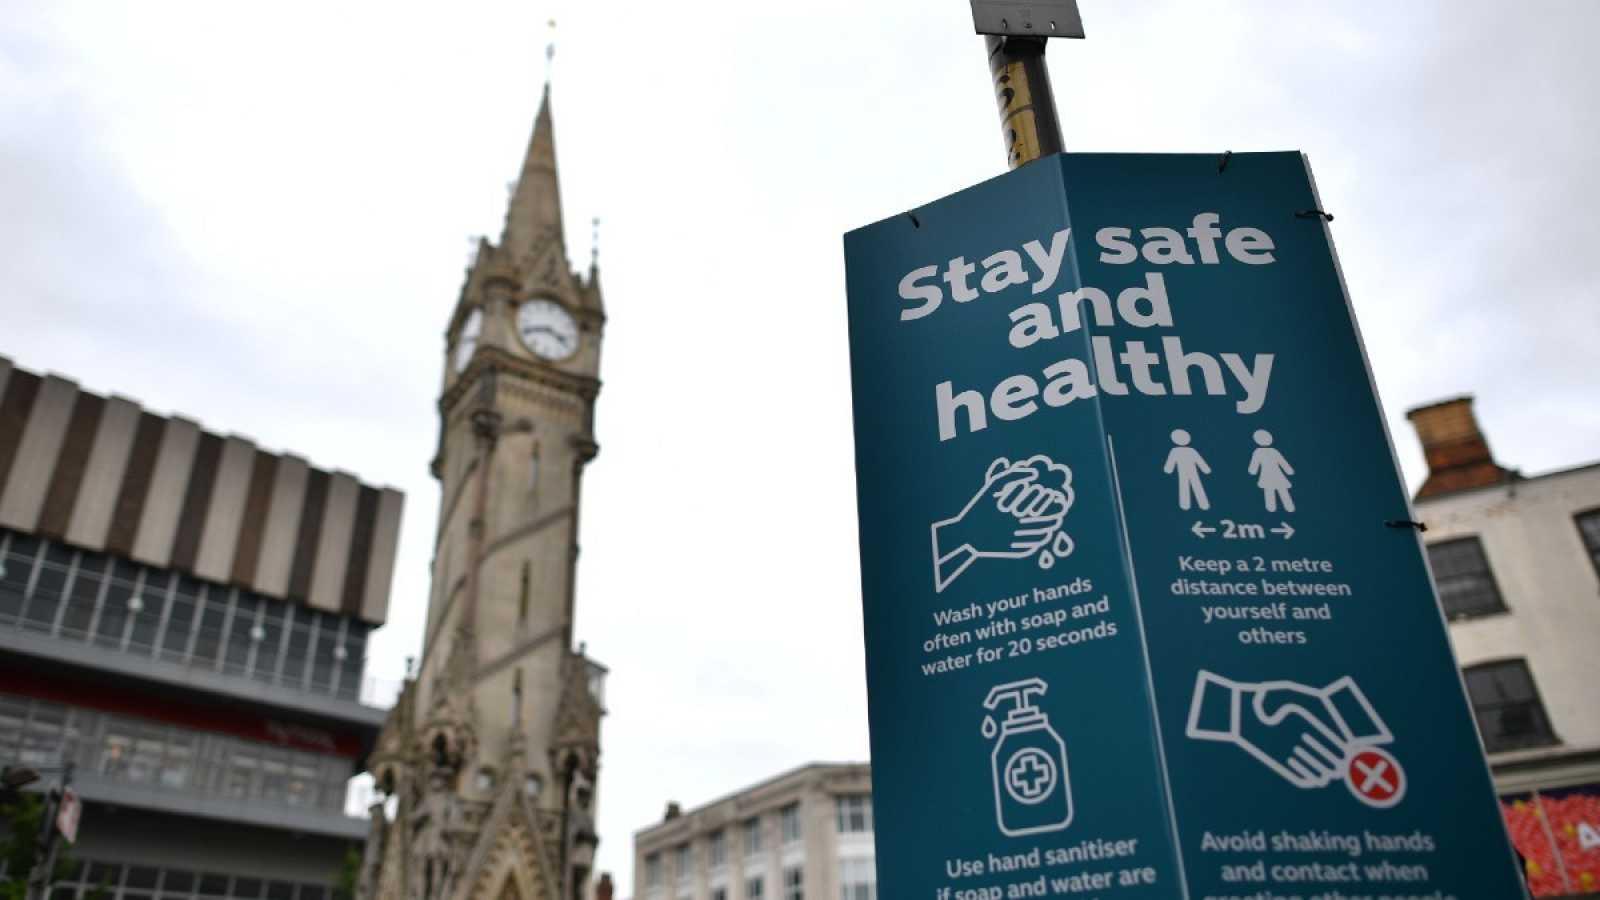 Un señal en el centro de Leicester informa sobre la higiene de manos y la distancia de seguridad necesarias para combatir la propagación de la COVID-19